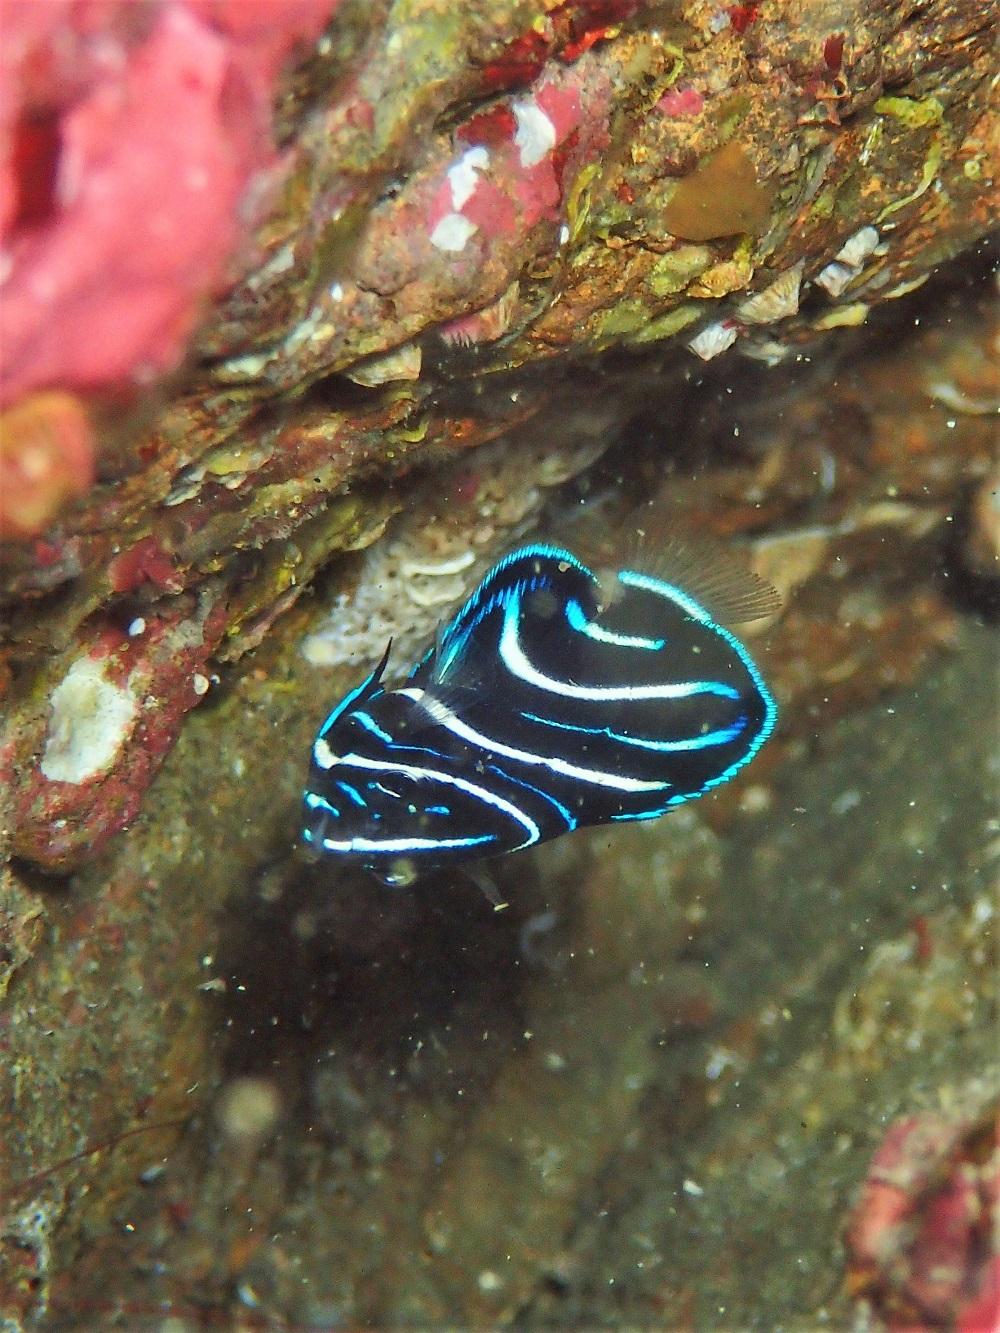 サザナミヤッコ幼魚、模様が光り、はっきりしてきました。